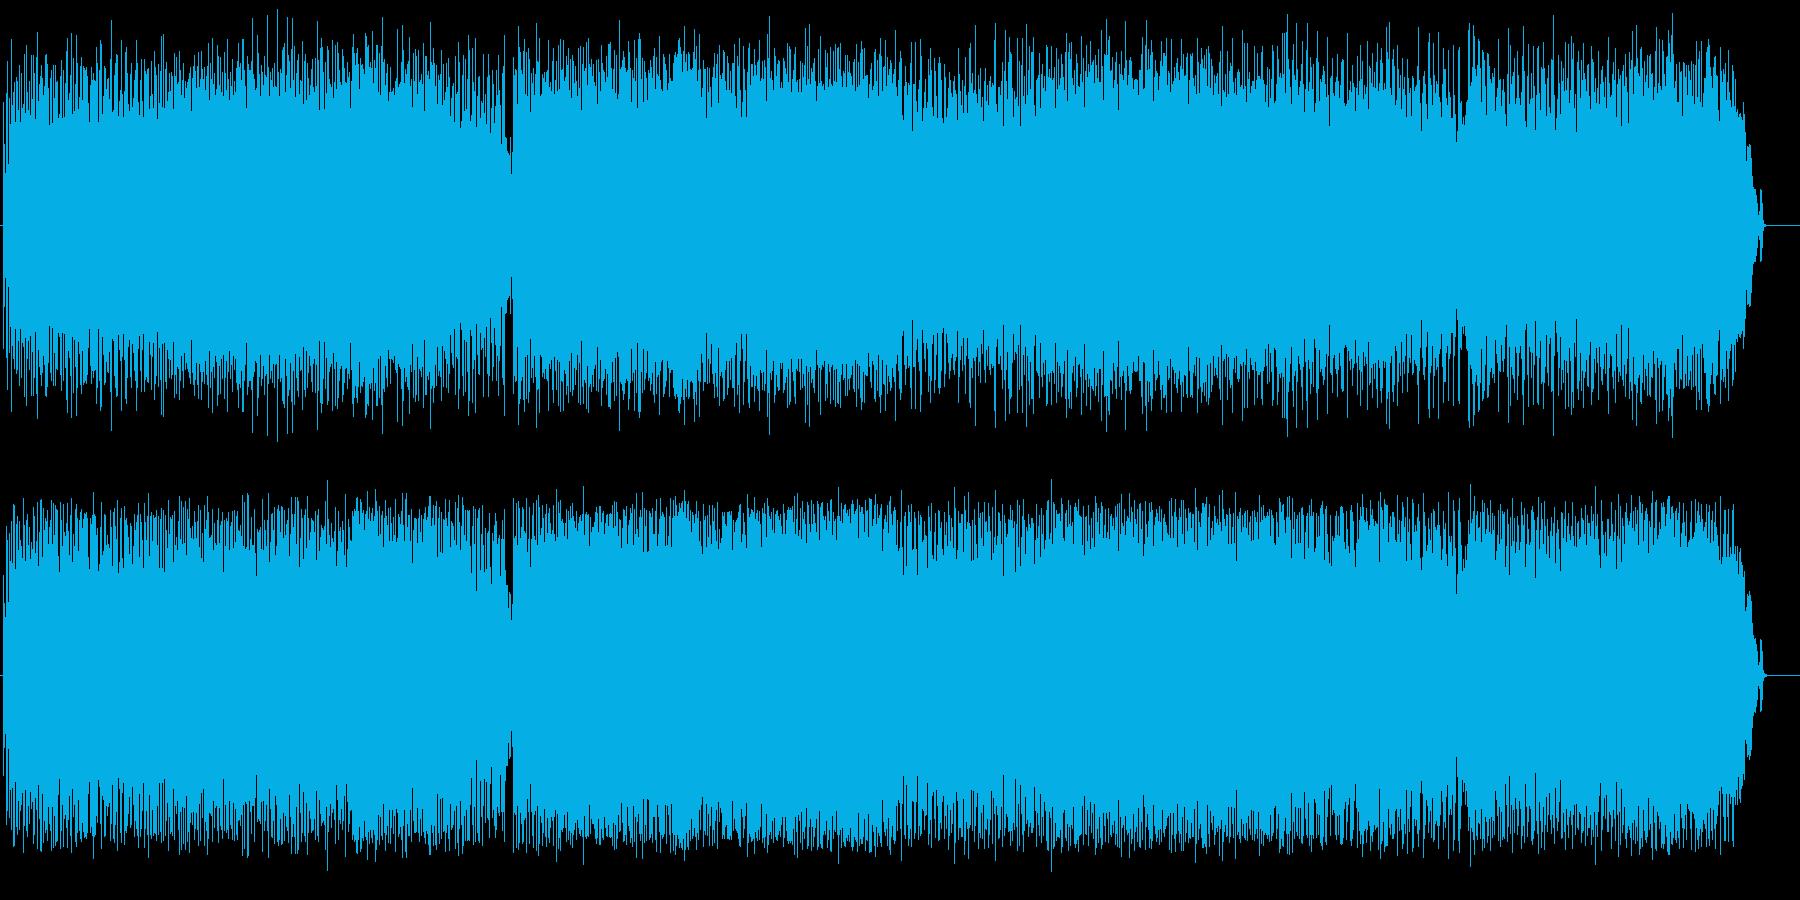 ハードなギターアメリカンポップロックの再生済みの波形